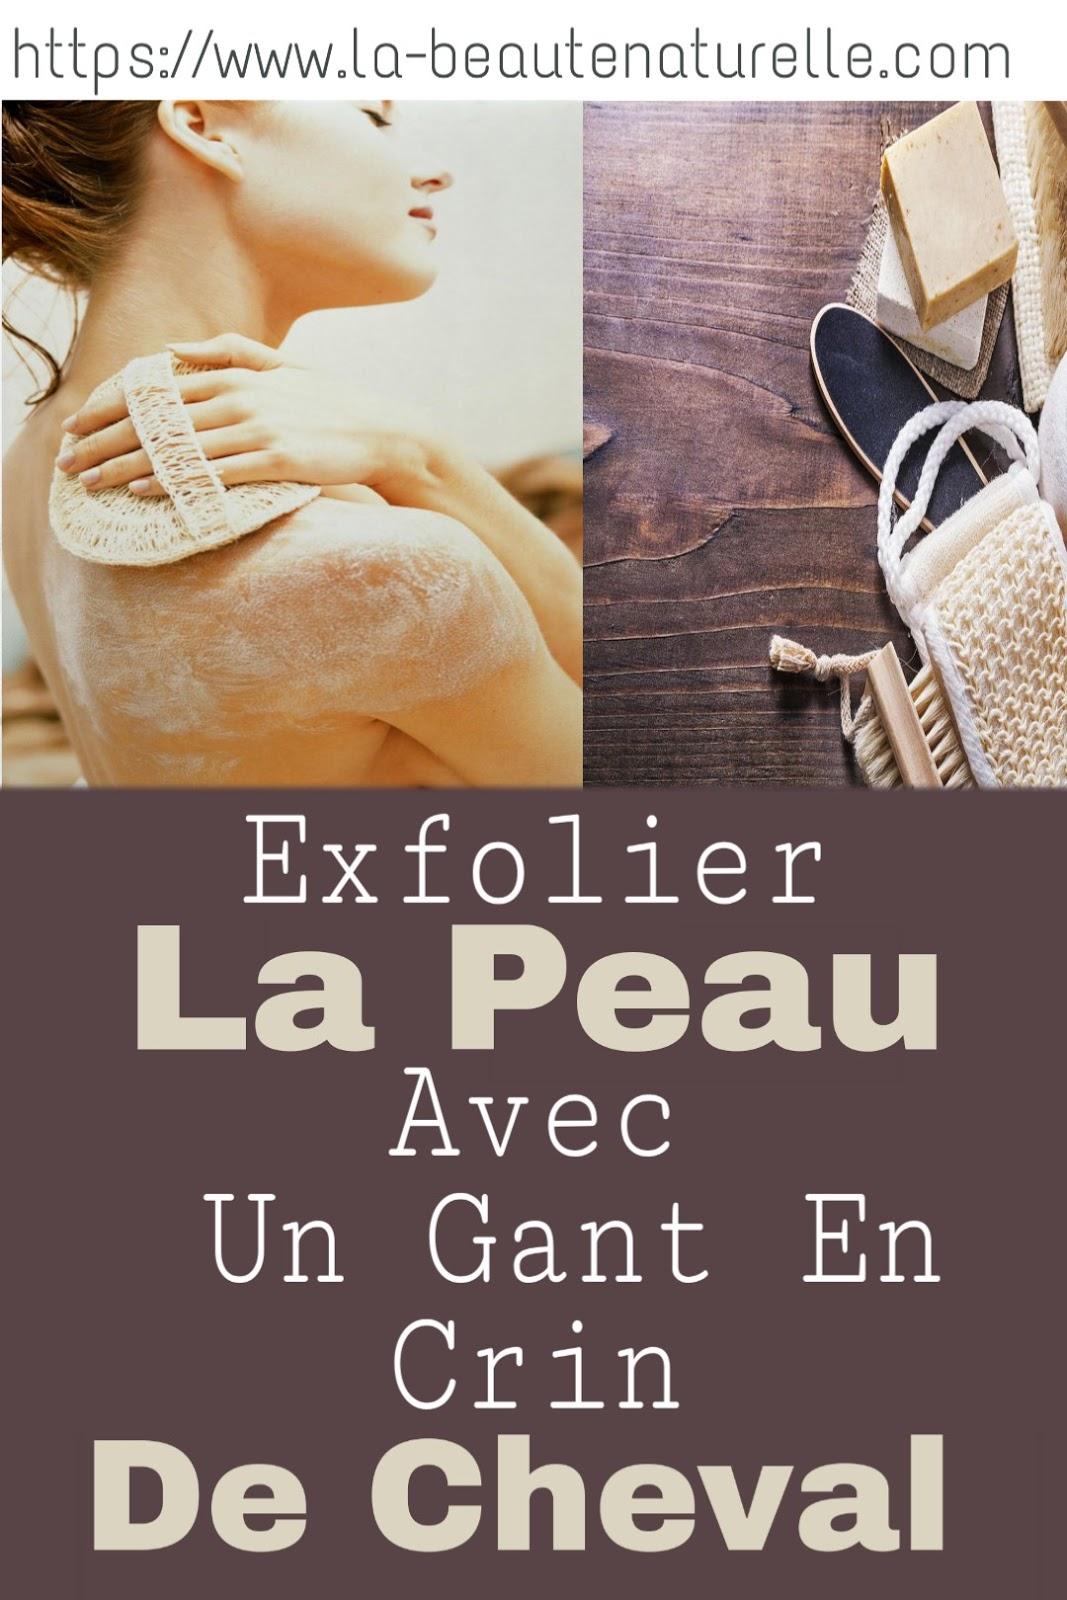 Exfolier La Peau Avec Un Gant En Crin De Cheval